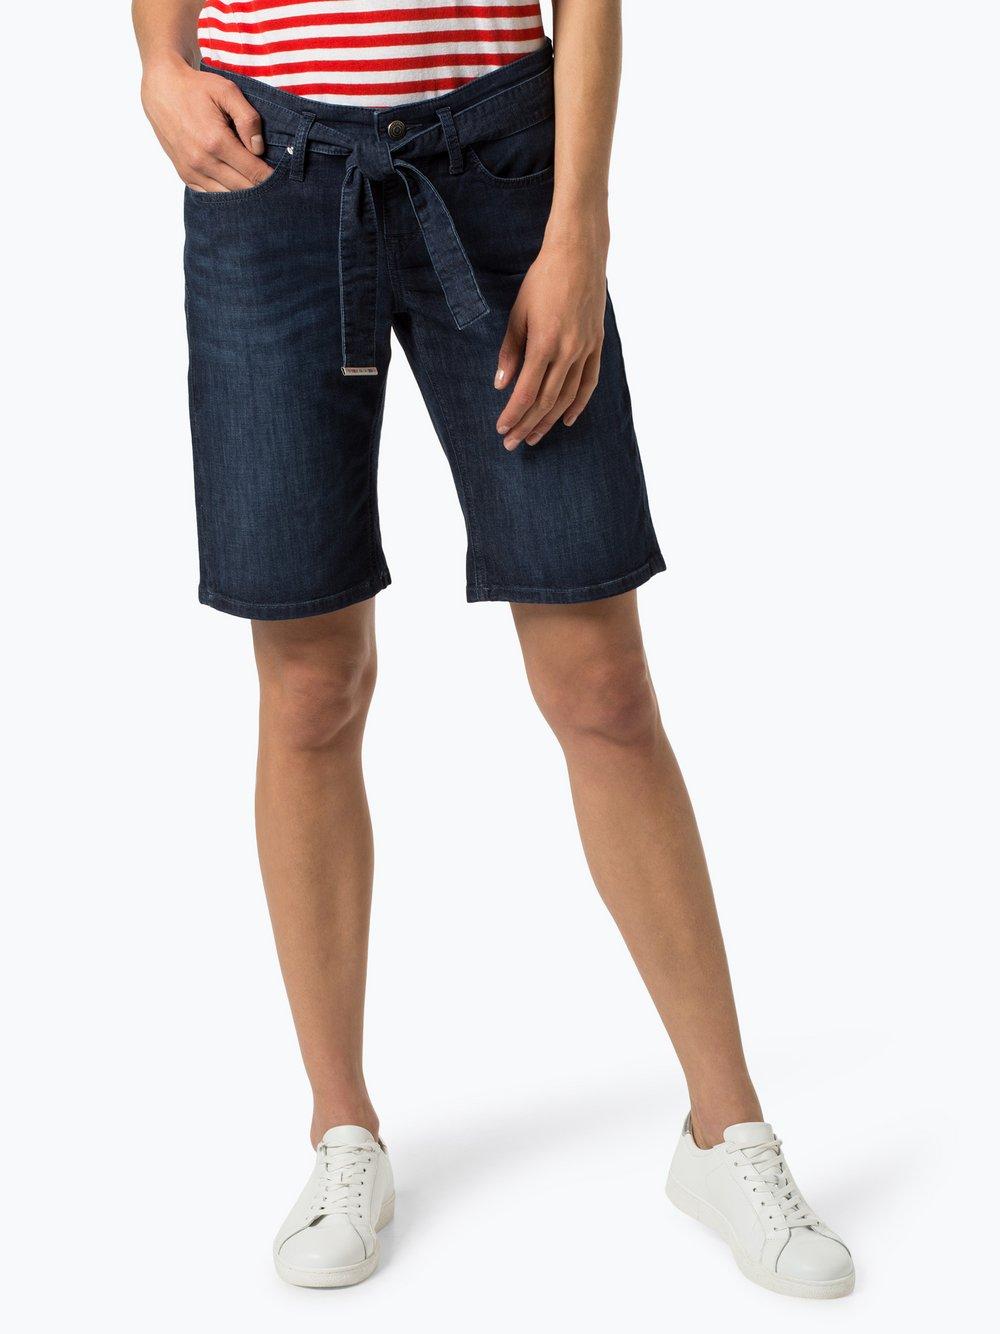 Street One – Damskie krótkie spodenki jeansowe – Jane, niebieski Van Graaf 442331-0001